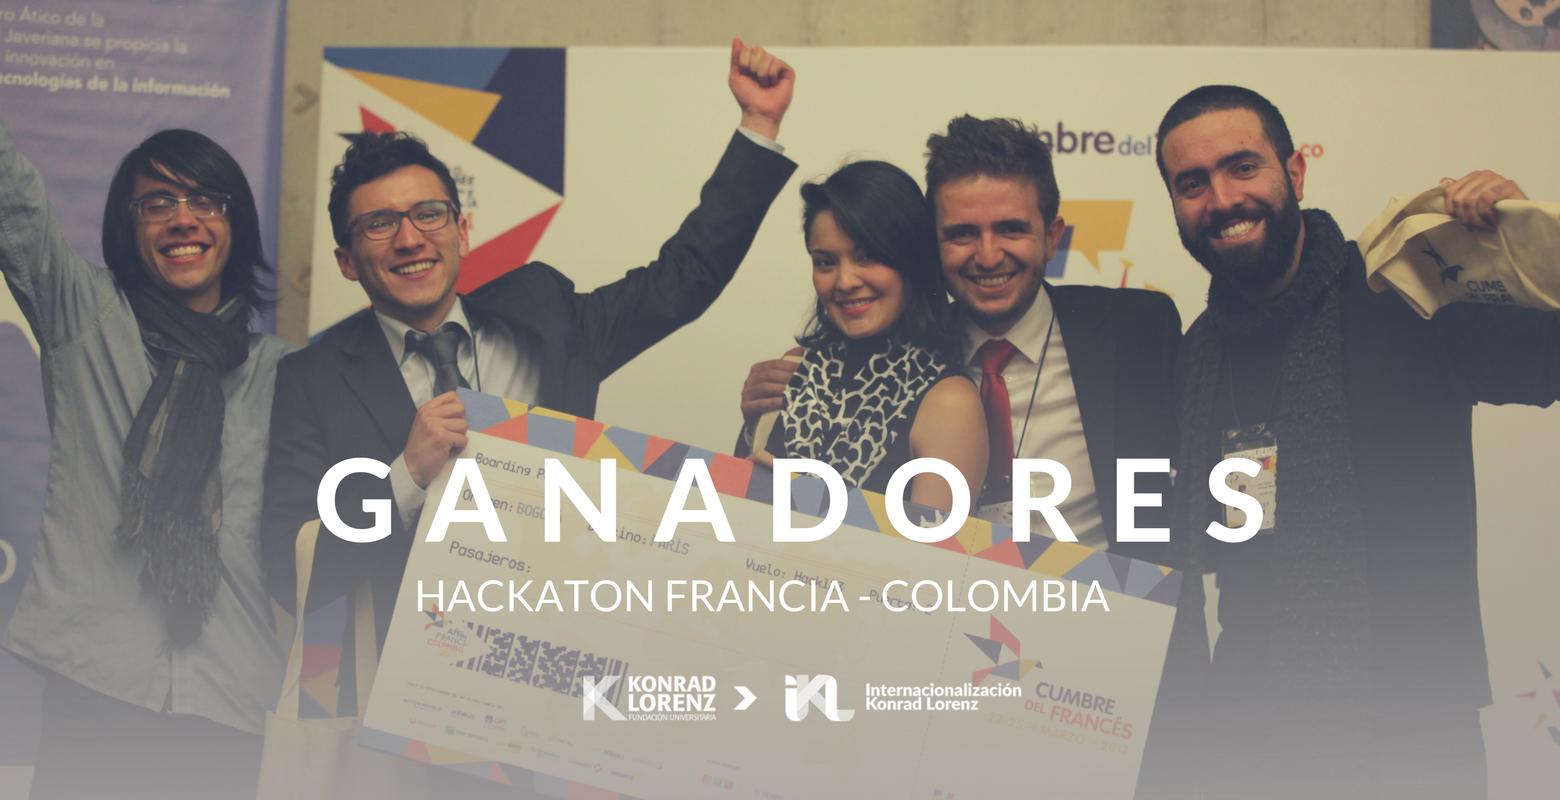 Konradista entre los ganadores de la Hackaton Francia - Colombia